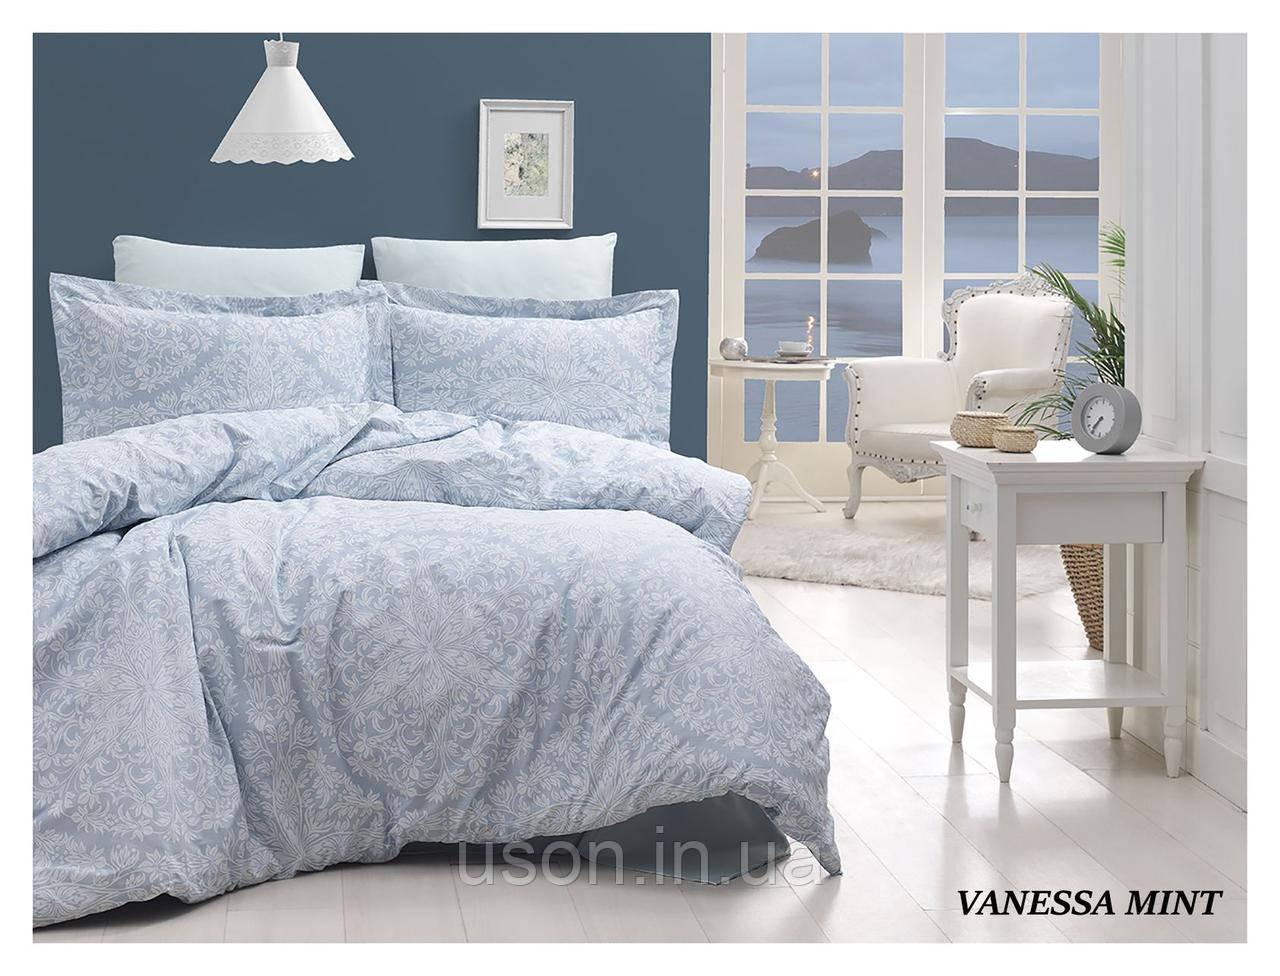 Комплект постільної білизни сатин First Choice Vanessa mint